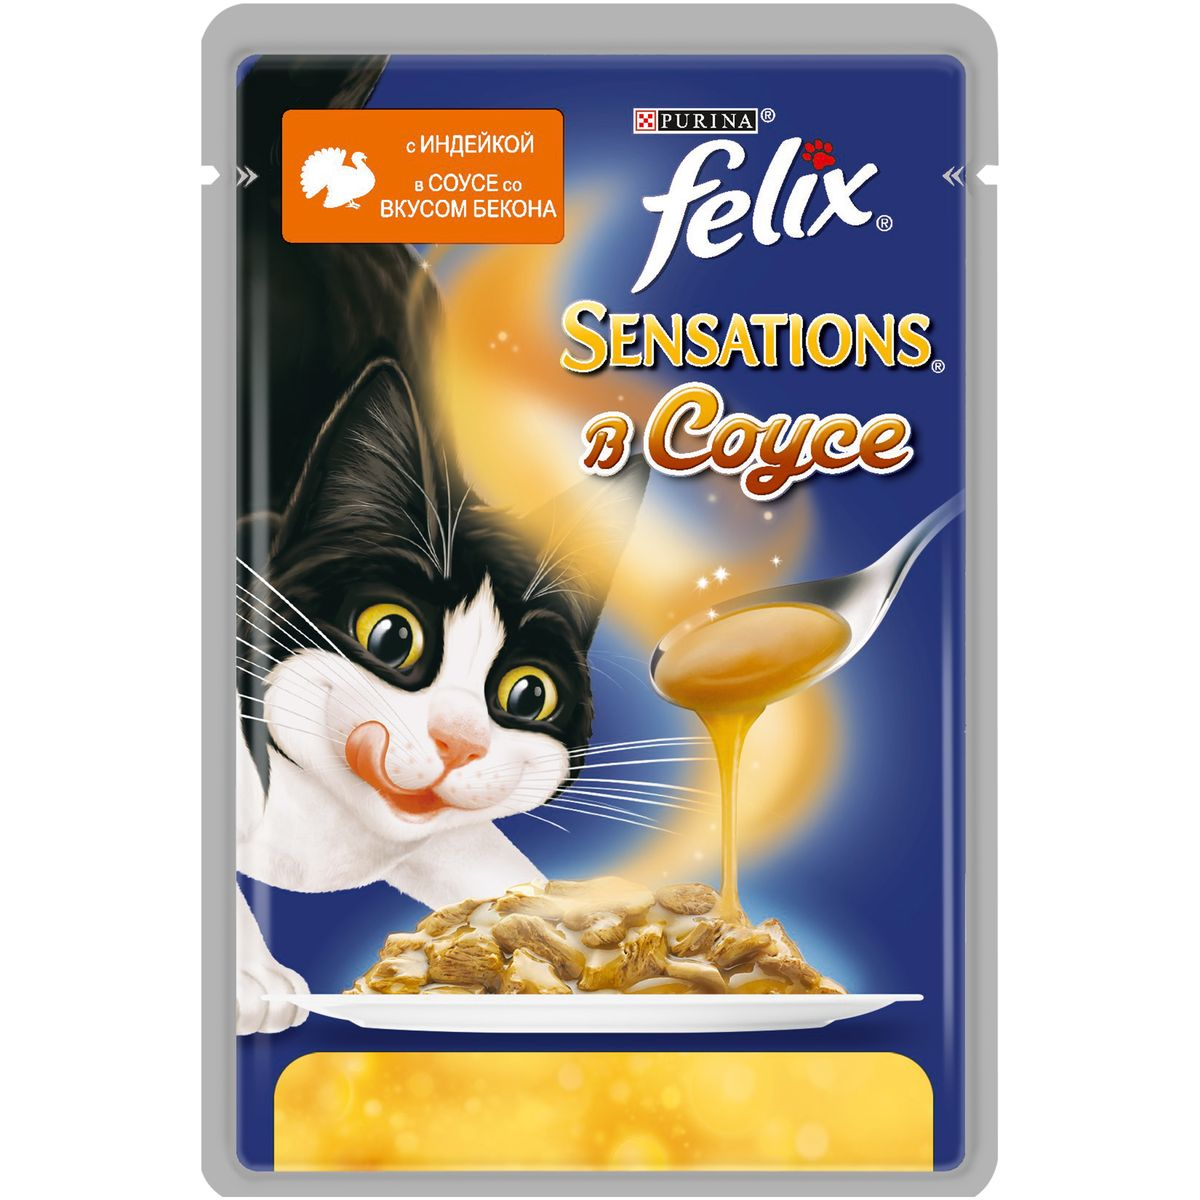 Консервы для кошек Felix Sensations, с индейкой в соусе со вкусом бекона, 85 г12171996Консервы для кошек Felix Sensations - консервированный полнорационный корм для взрослых кошек, с индейкой в соусе со вкусом бекона. Корм Felix Sensations - это необыкновенно вкусный корм для кошек с нежными мясными кусочками в соусах с разными вкусами для неожиданных вкусовых ощущений. Вам питомец не сможет устоять перед аппетитным внешним видом, ароматом и вкусом этого потрясающего корма. Корм содержит Омега-6 жирные кислоты, а также правильное сочетание белка и витаминов для полного удовлетворения ежедневных потребностей вашей кошки.Состав: мясо и продукты переработки мяса (из которых индейка 4%), экстракт растительного белка, рыба и продукты переработки рыбы, минеральные вещества, сахара, красители, витамины. Добавленные вещества (на 1 кг): витамин А 780 МЕ; витамин D3 120 МЕ; витамин Е 17 МЕ; железо 9 мг; йод 0,22 мг; медь 0,7 мг; марганец 1,7 мг; цинк 16 мг; таурин 490 мг; ароматизатор бекона 30 мг. Гарантируемые показатели: влажность 79%, белок 13,2%, жир 3,2%, сырая клетчатка 0,1%, сырая зола 2,3%, линолевая кислота (Омега-6 жирные кислоты) 0,4%.Энергетическая ценность (на 100 г): 81 ккал. Товар сертифицирован.